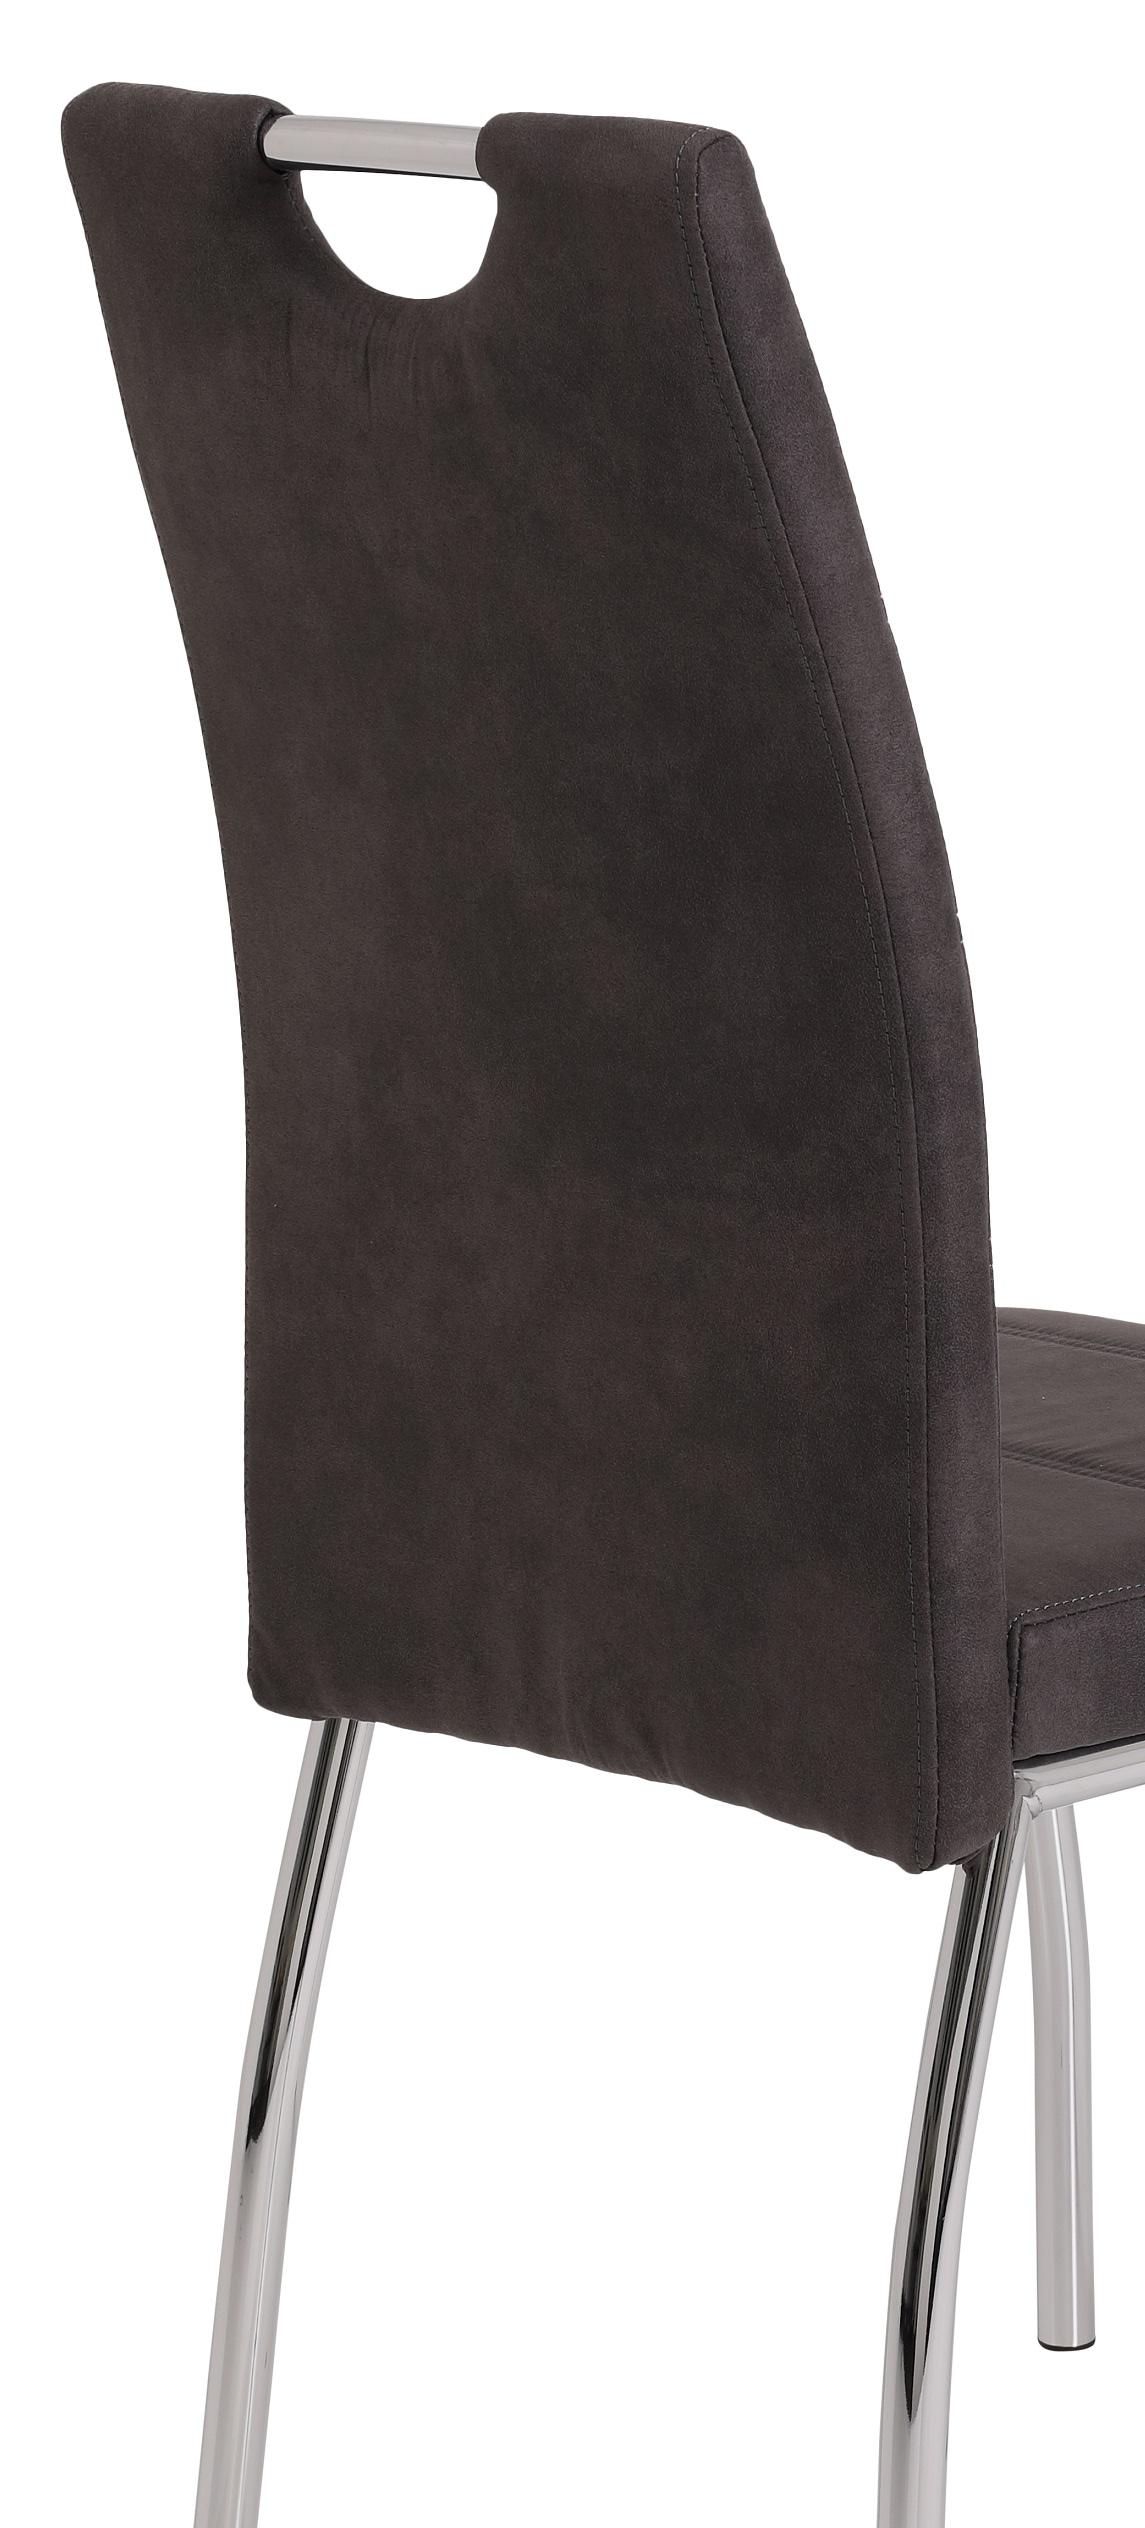 4 Stühle=Set Vierfussstuhl Stuhl Susi II S 46 Microfaser Vintage Anthrazit